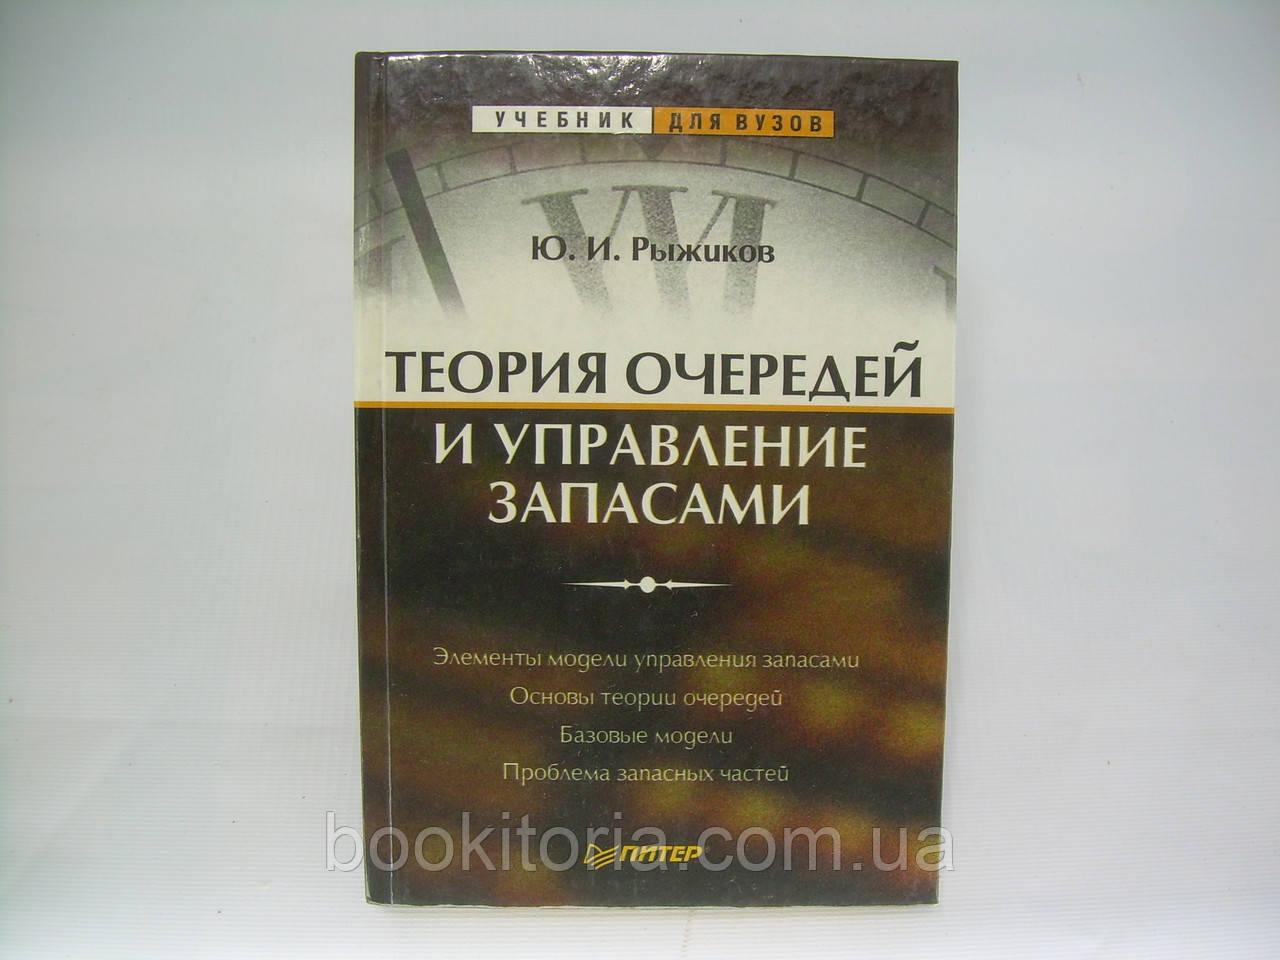 Рыжиков Ю.И. Теория очередей и управление запасами (б/у).